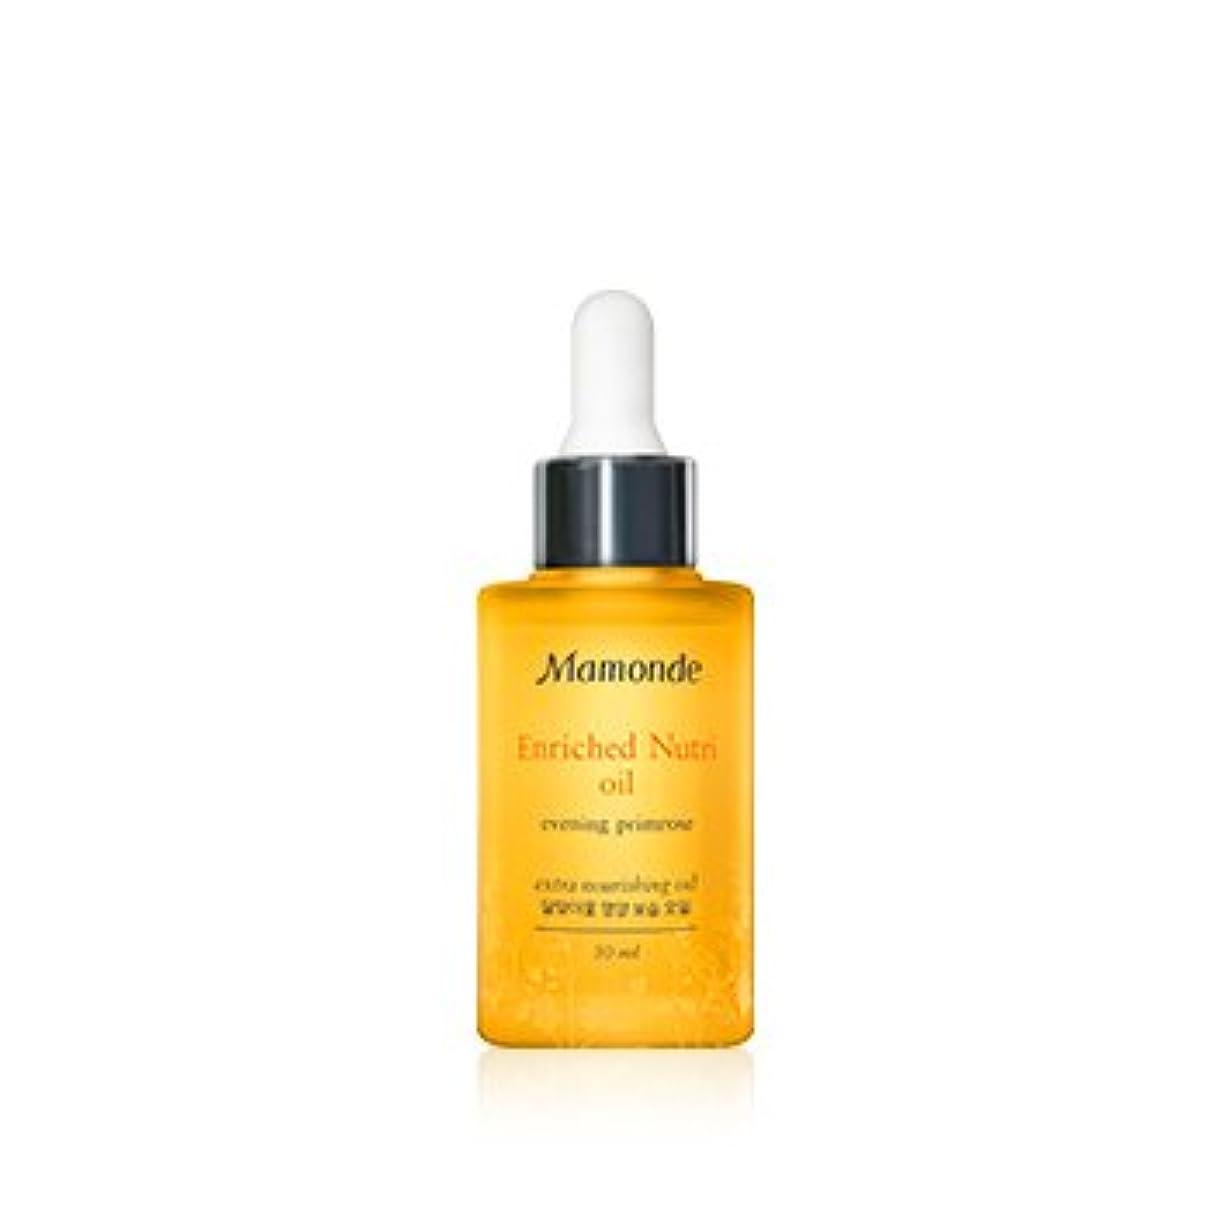 格差アピール円形[New] Mamonde Enriched Nutri Oil 30ml/マモンド エンリッチド ニュートリ オイル 30ml [並行輸入品]